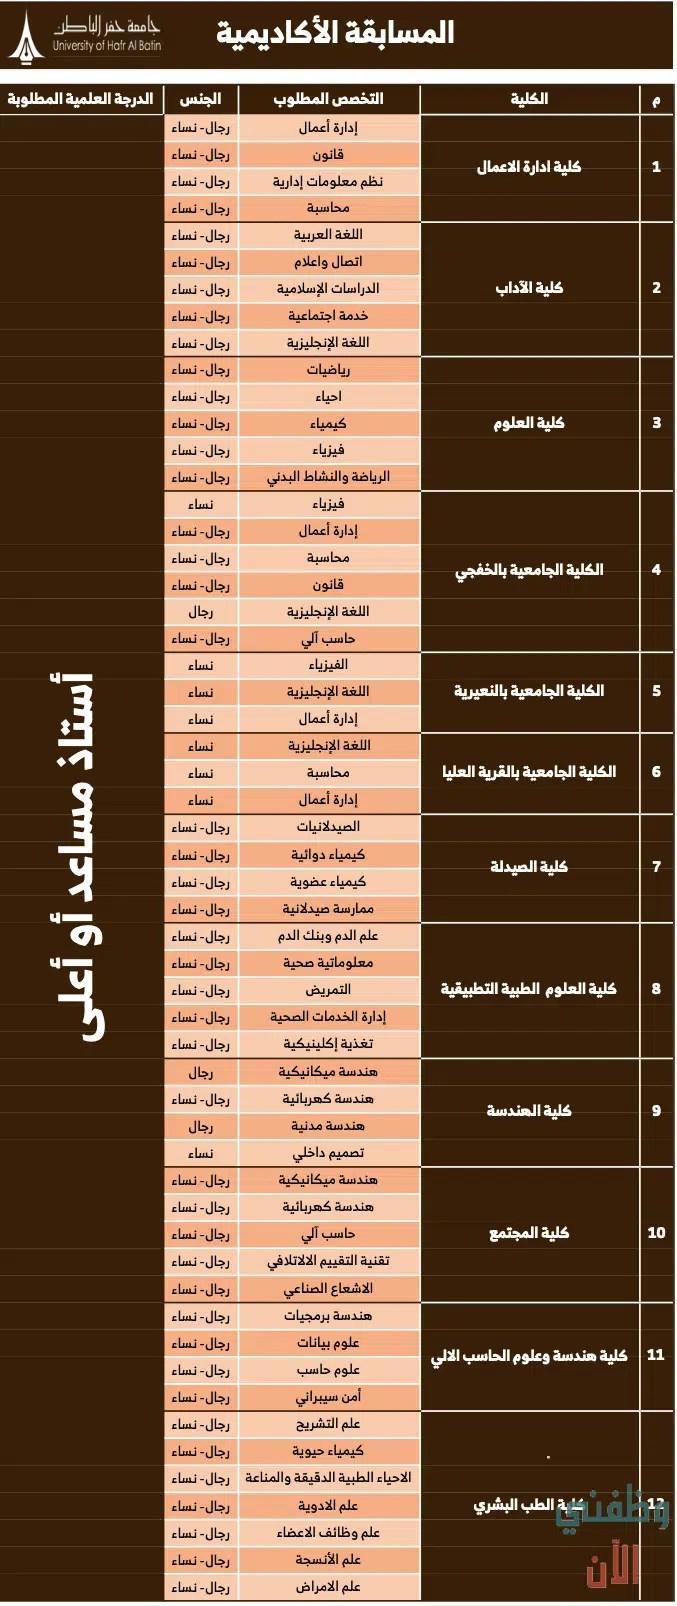 وظائف اعضاء هيئة تدريس 2021 بجامعة حفر الباطن